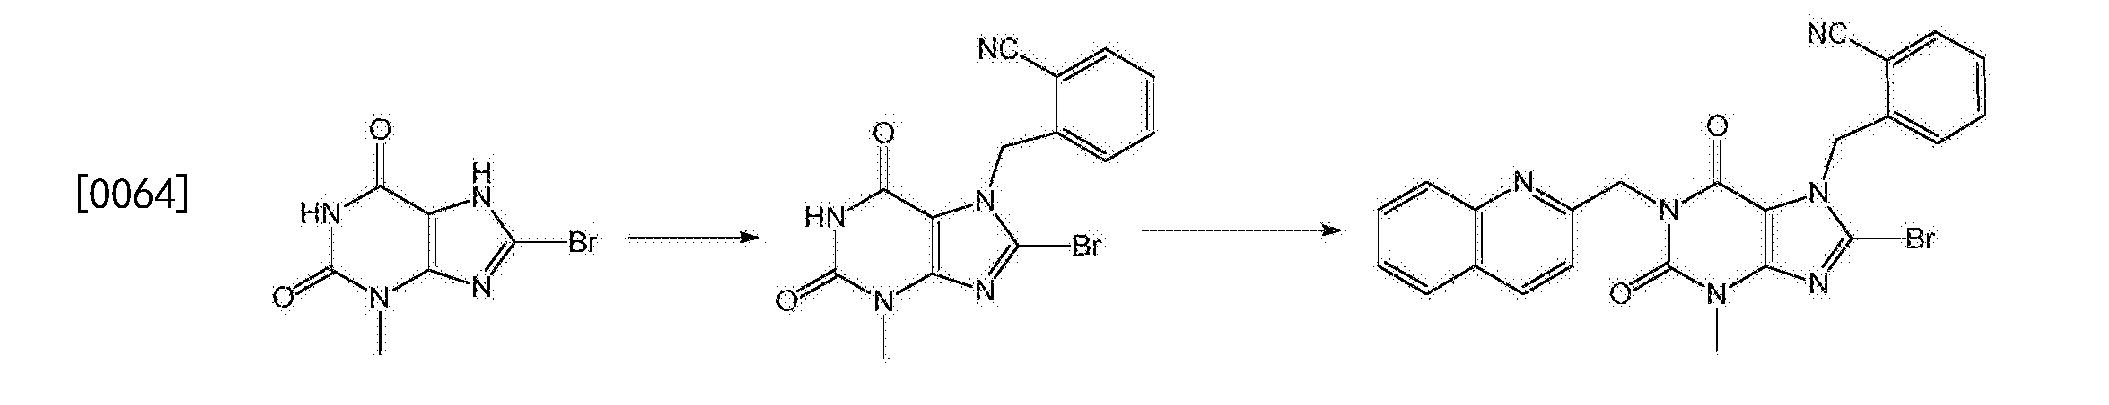 Figure CN105503873BD00102